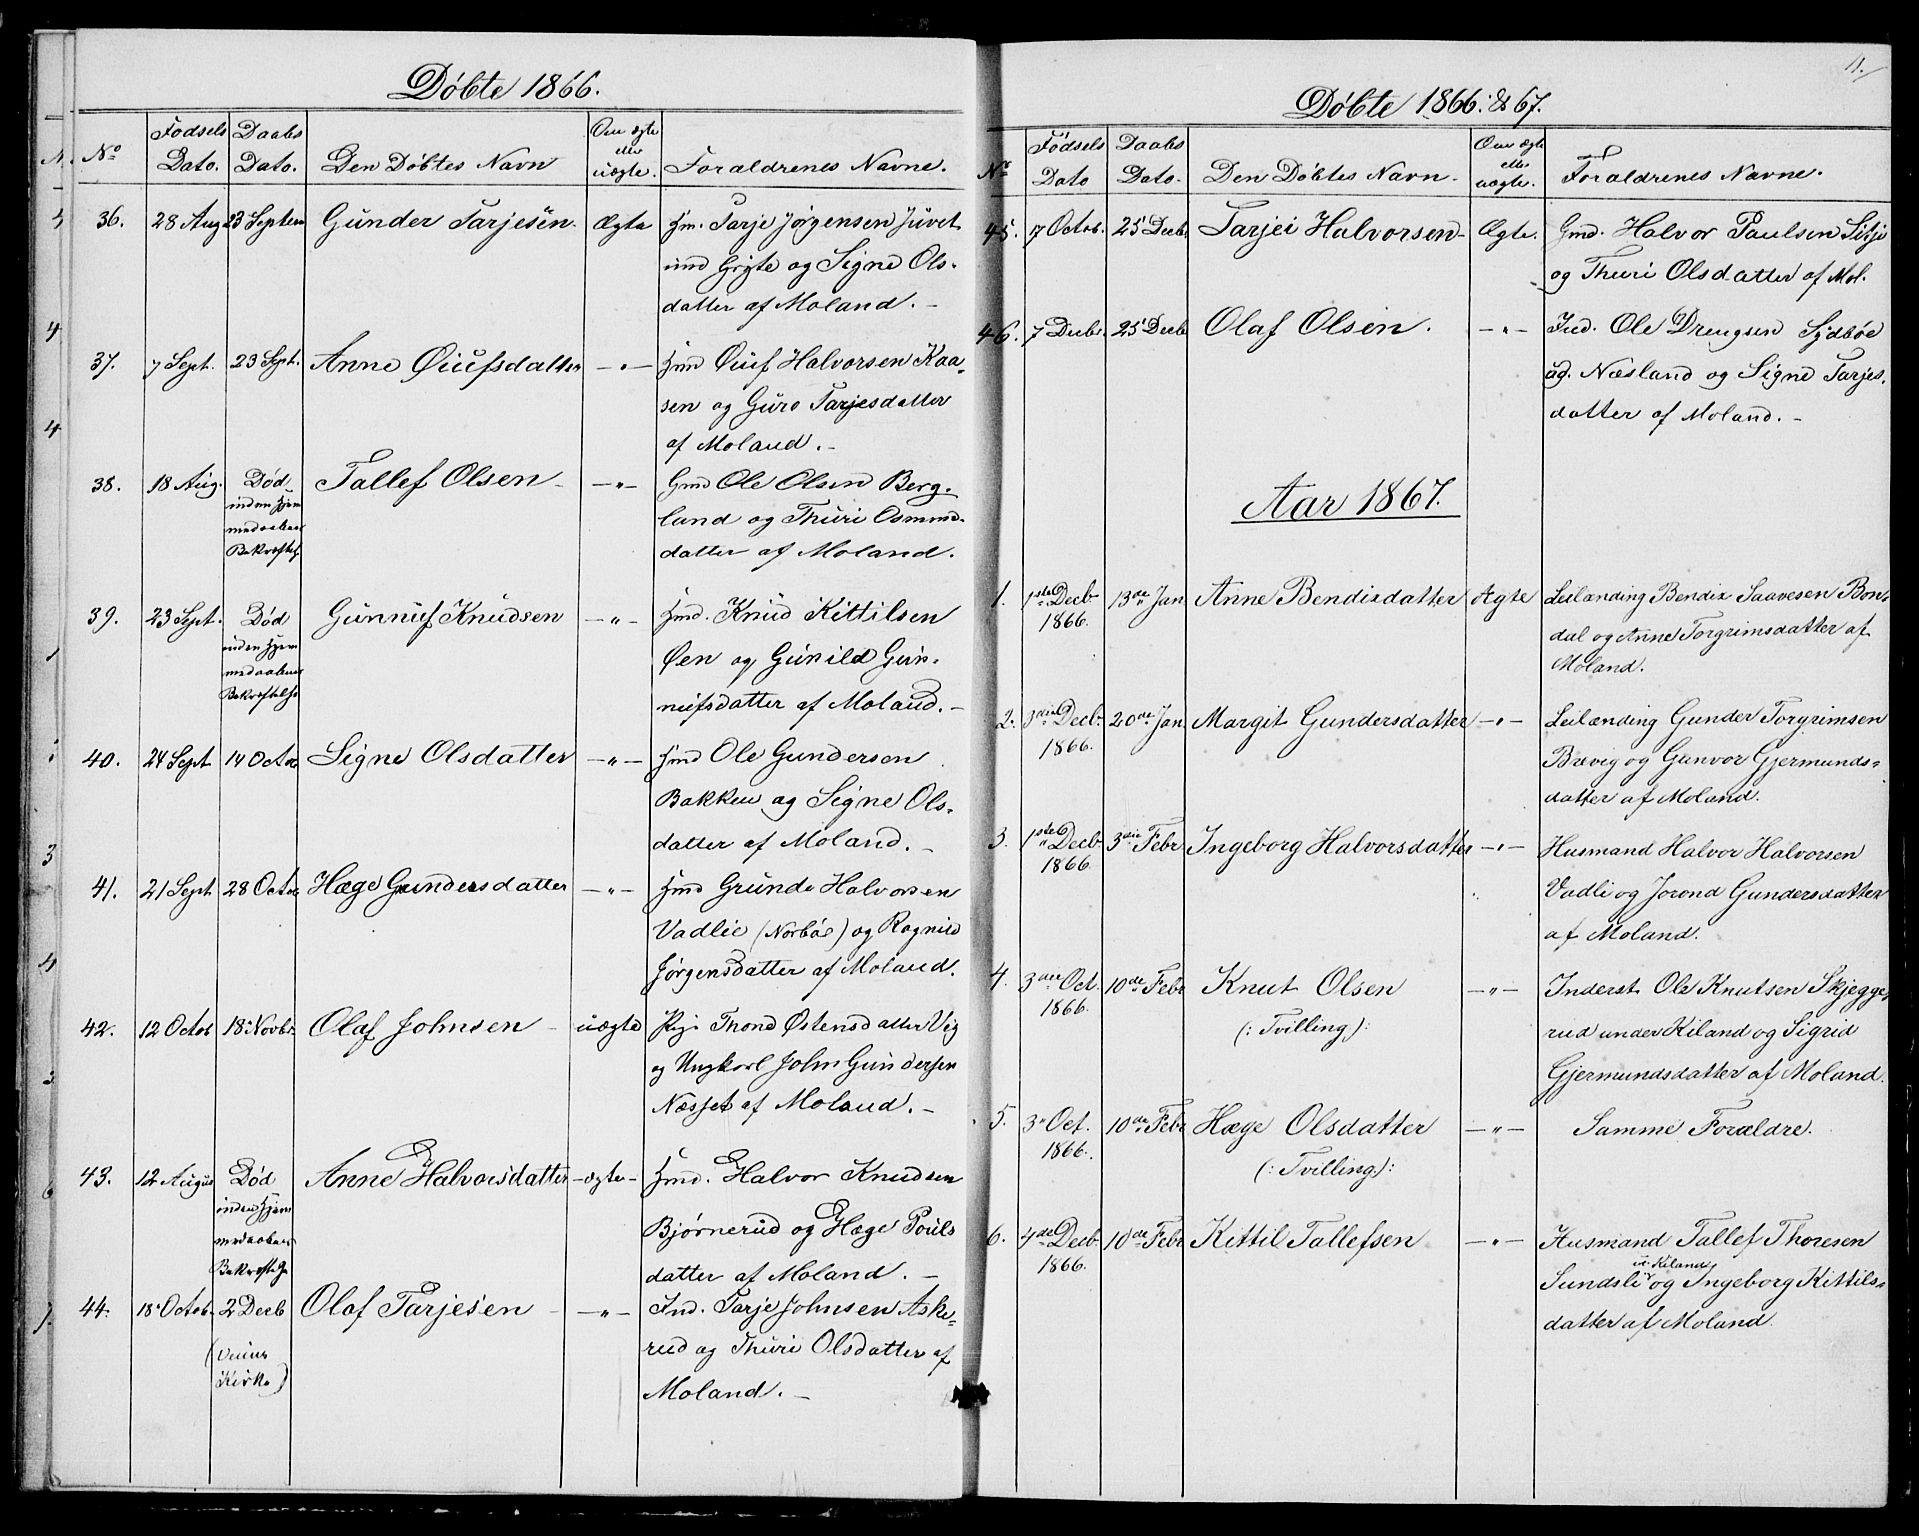 SAKO, Fyresdal kirkebøker, G/Ga/L0004: Klokkerbok nr. I 4, 1864-1892, s. 11